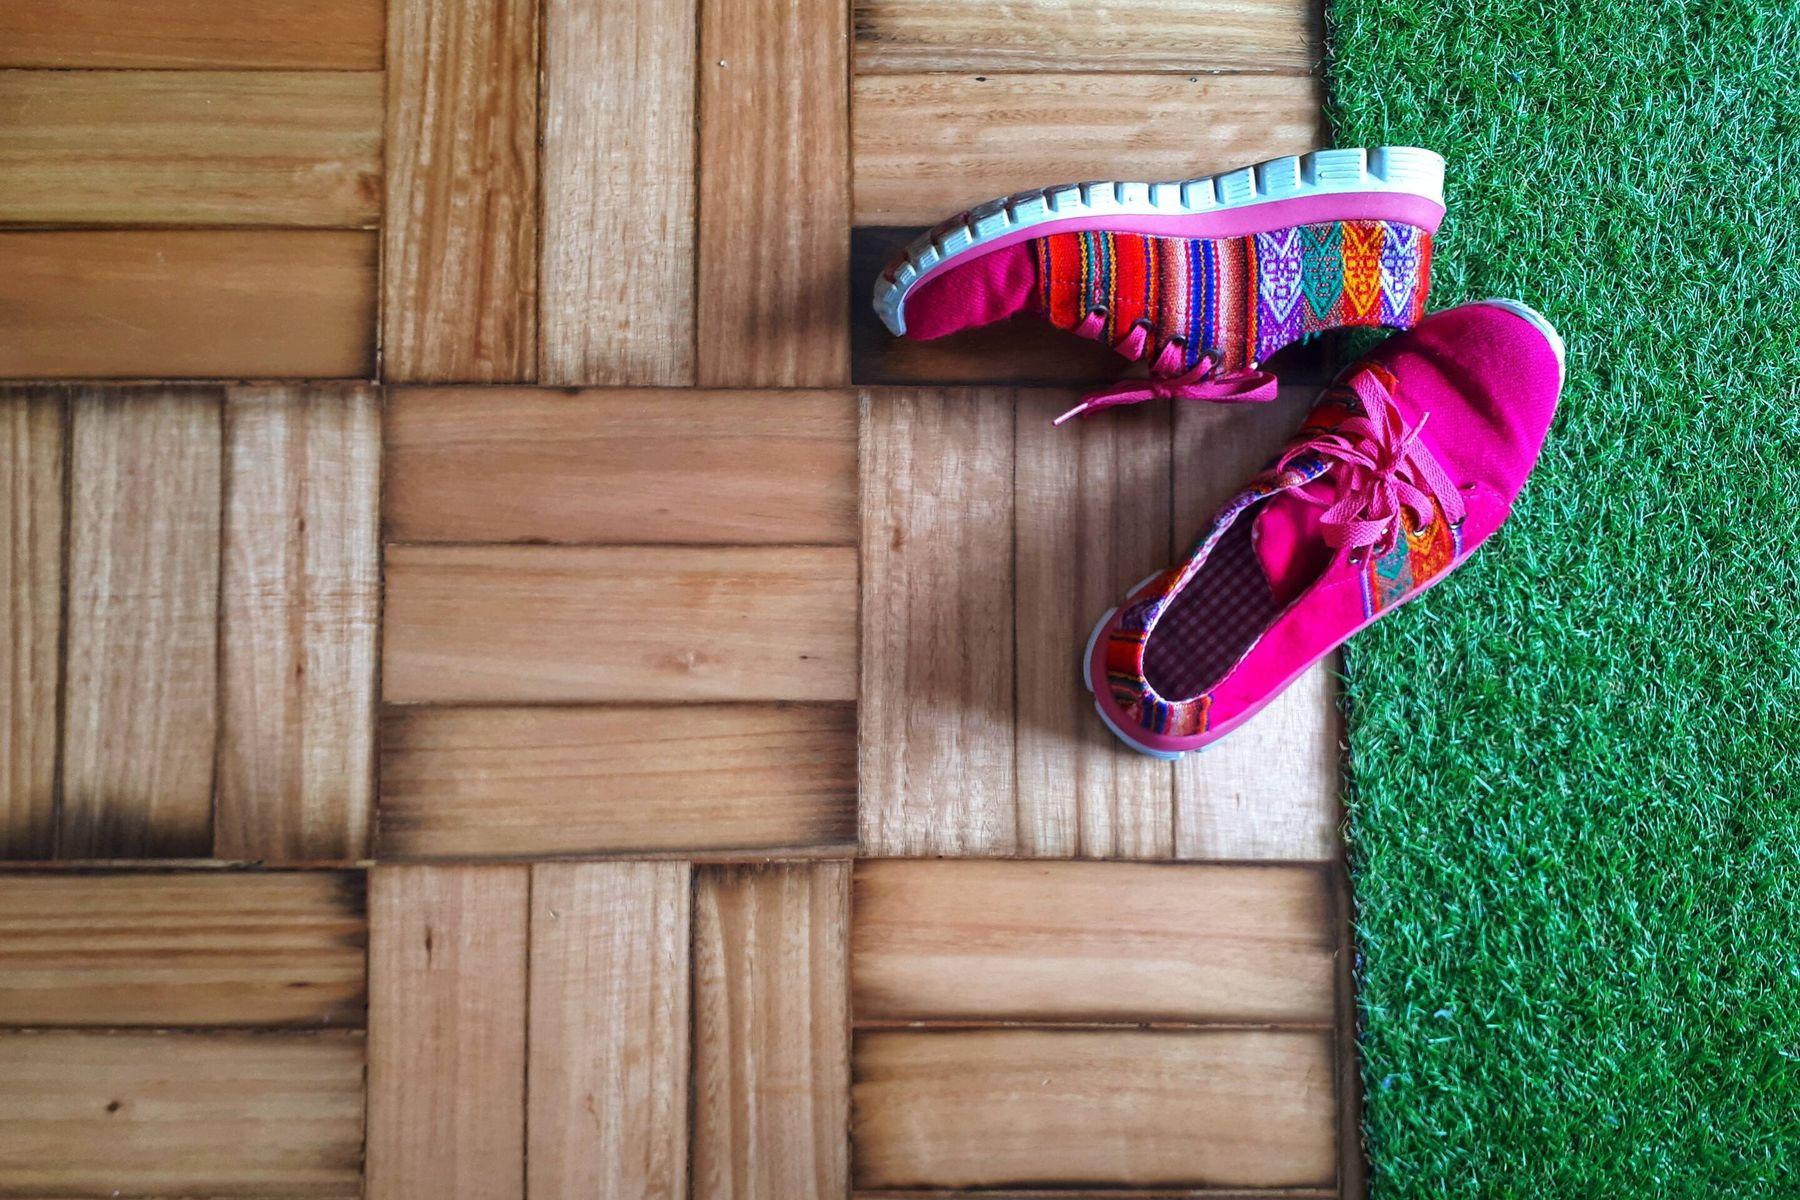 scarpe rosa sul pavimento di legno ed erba sintetica